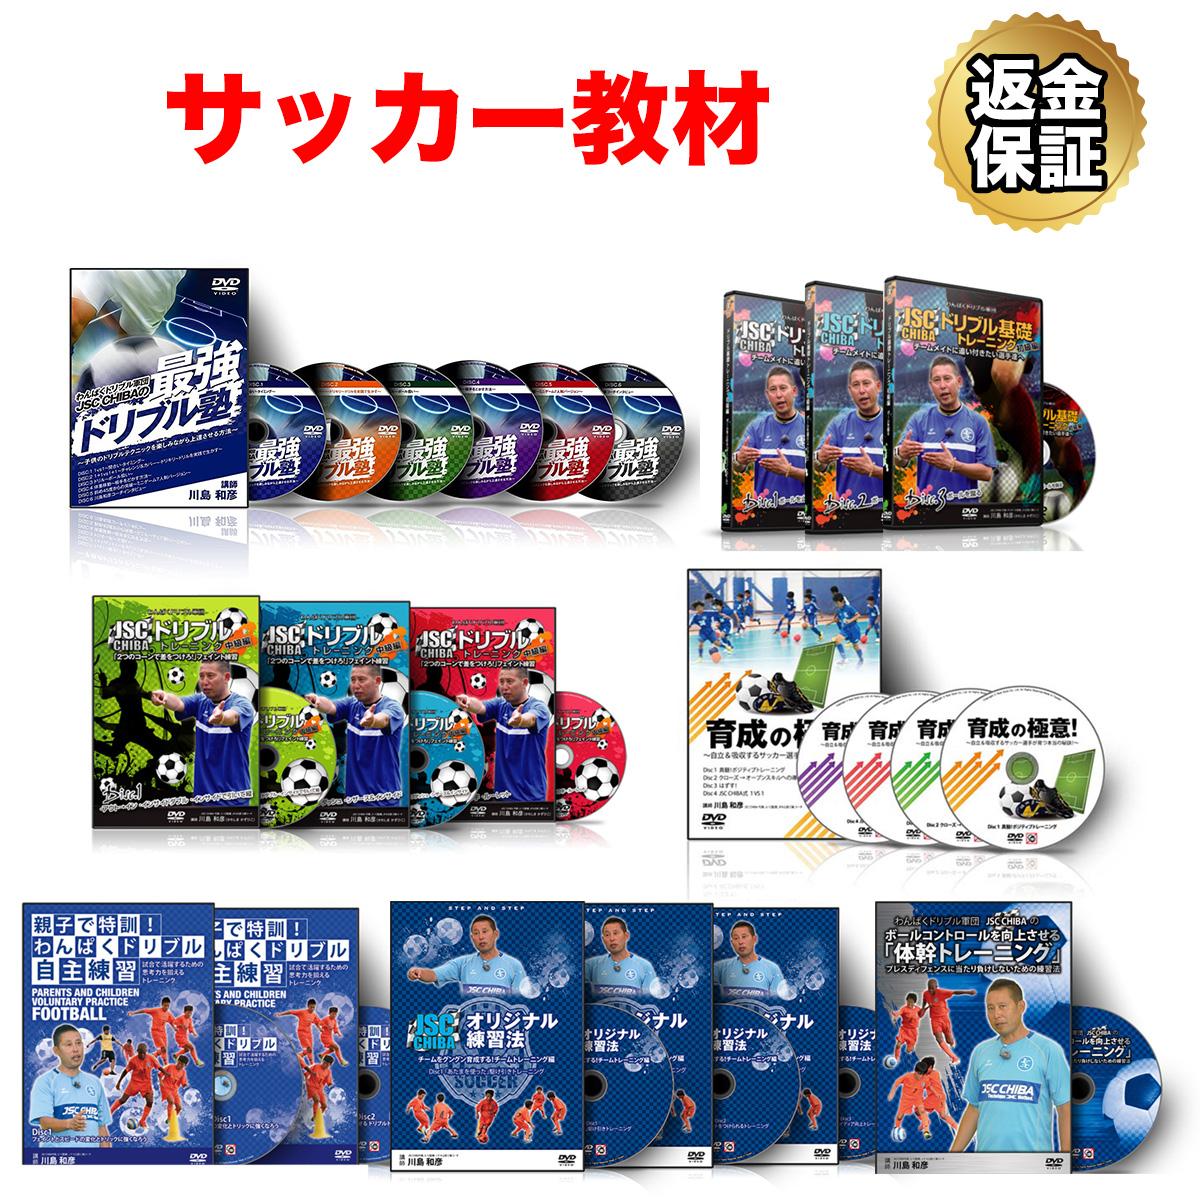 サッカー 教材 DVD わんぱくドリブル塾 コンプリート教材 DVD セット